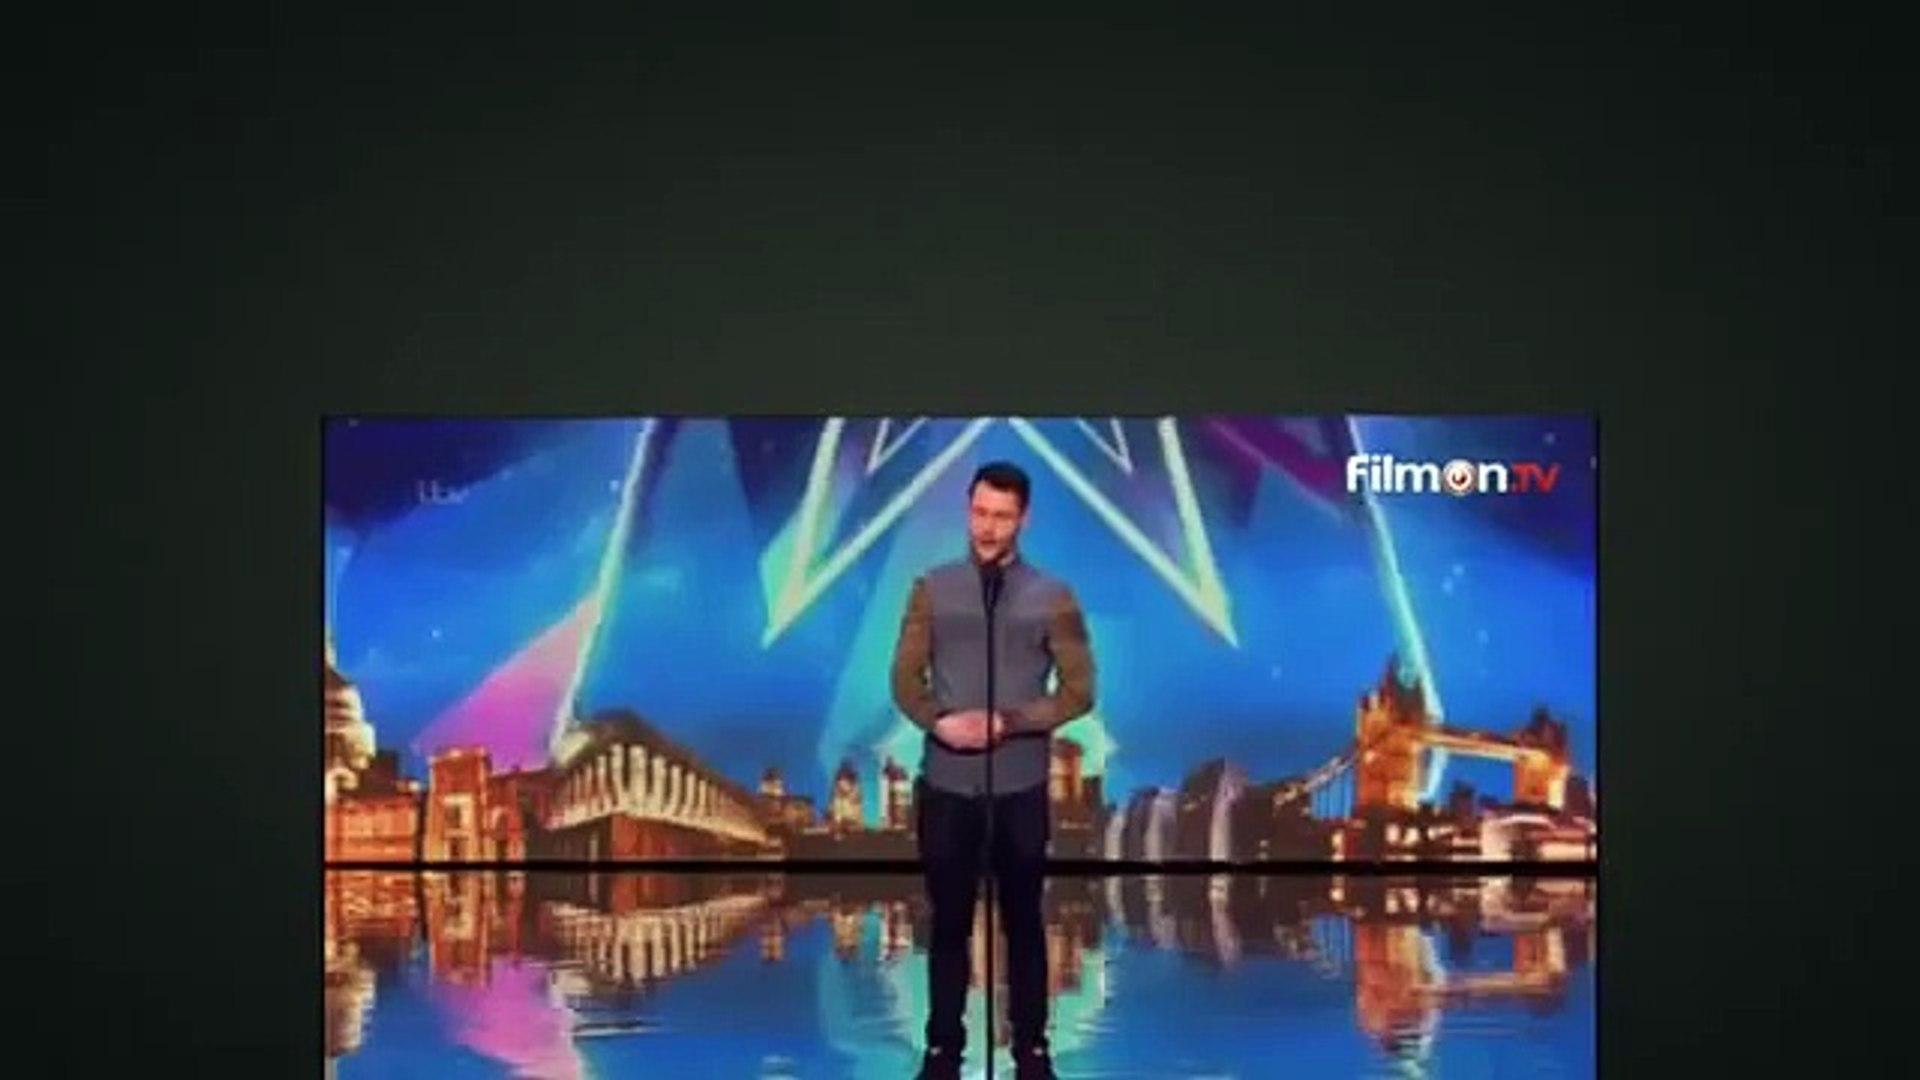 Britain's Got Talent - Calum Scott Amazing Golden BUZZER (Plus Reactions) 11 April 2015